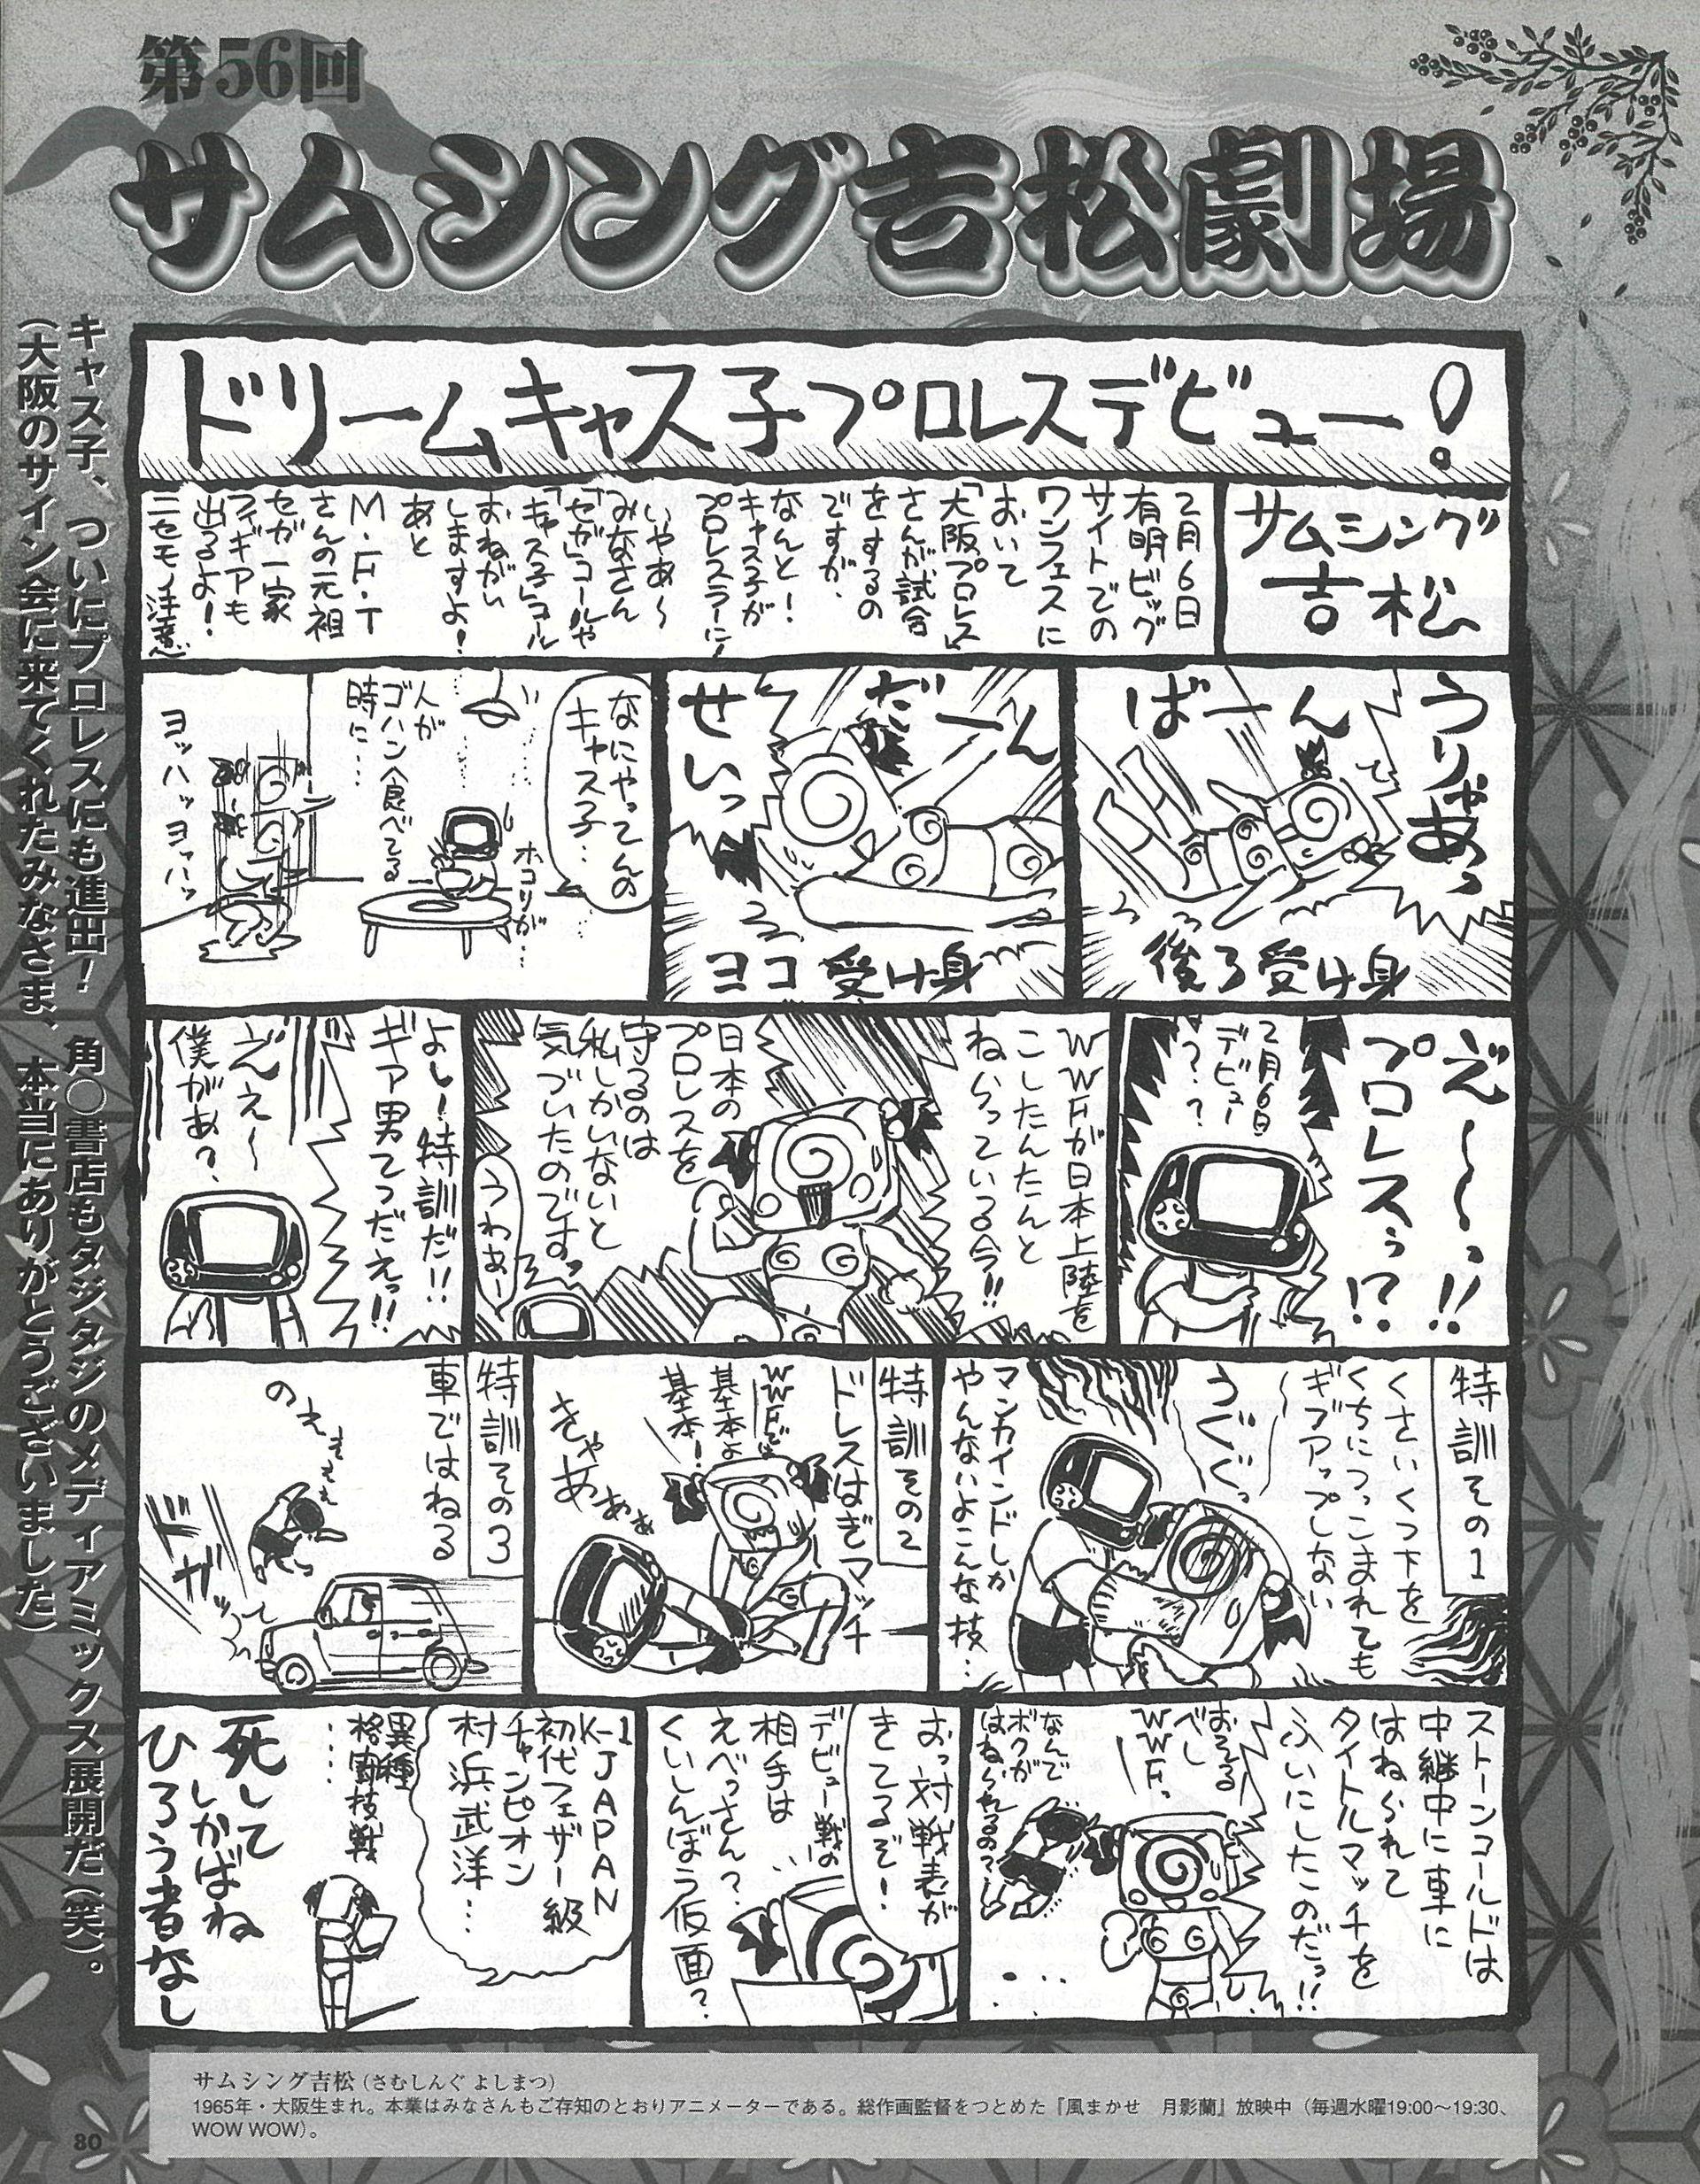 「ドリームキャストマガジン」2000年2月11日号より